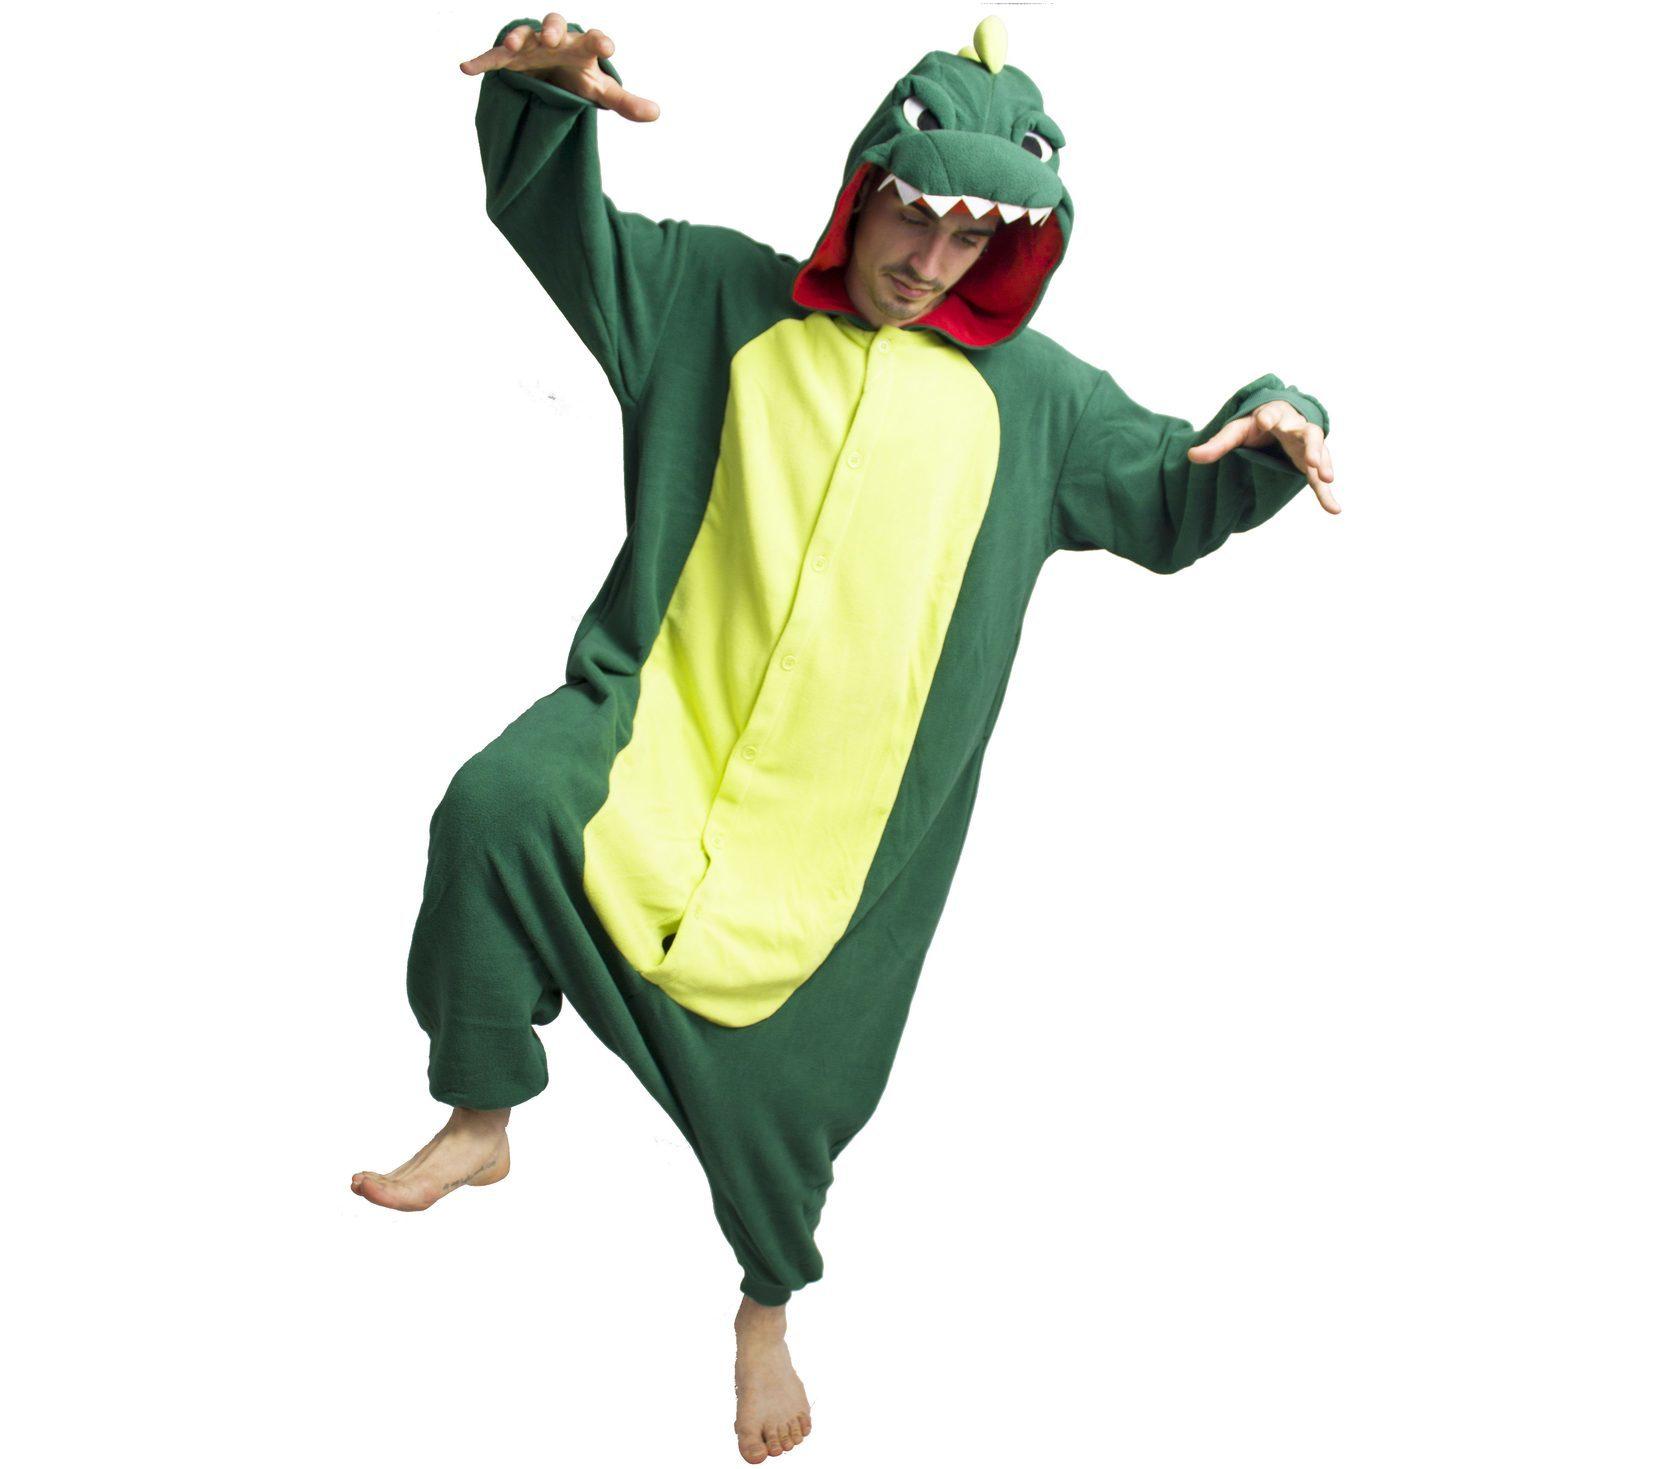 Плюшевые пижамы Динозавр взрослый dinosaur-kigurumi.jpg